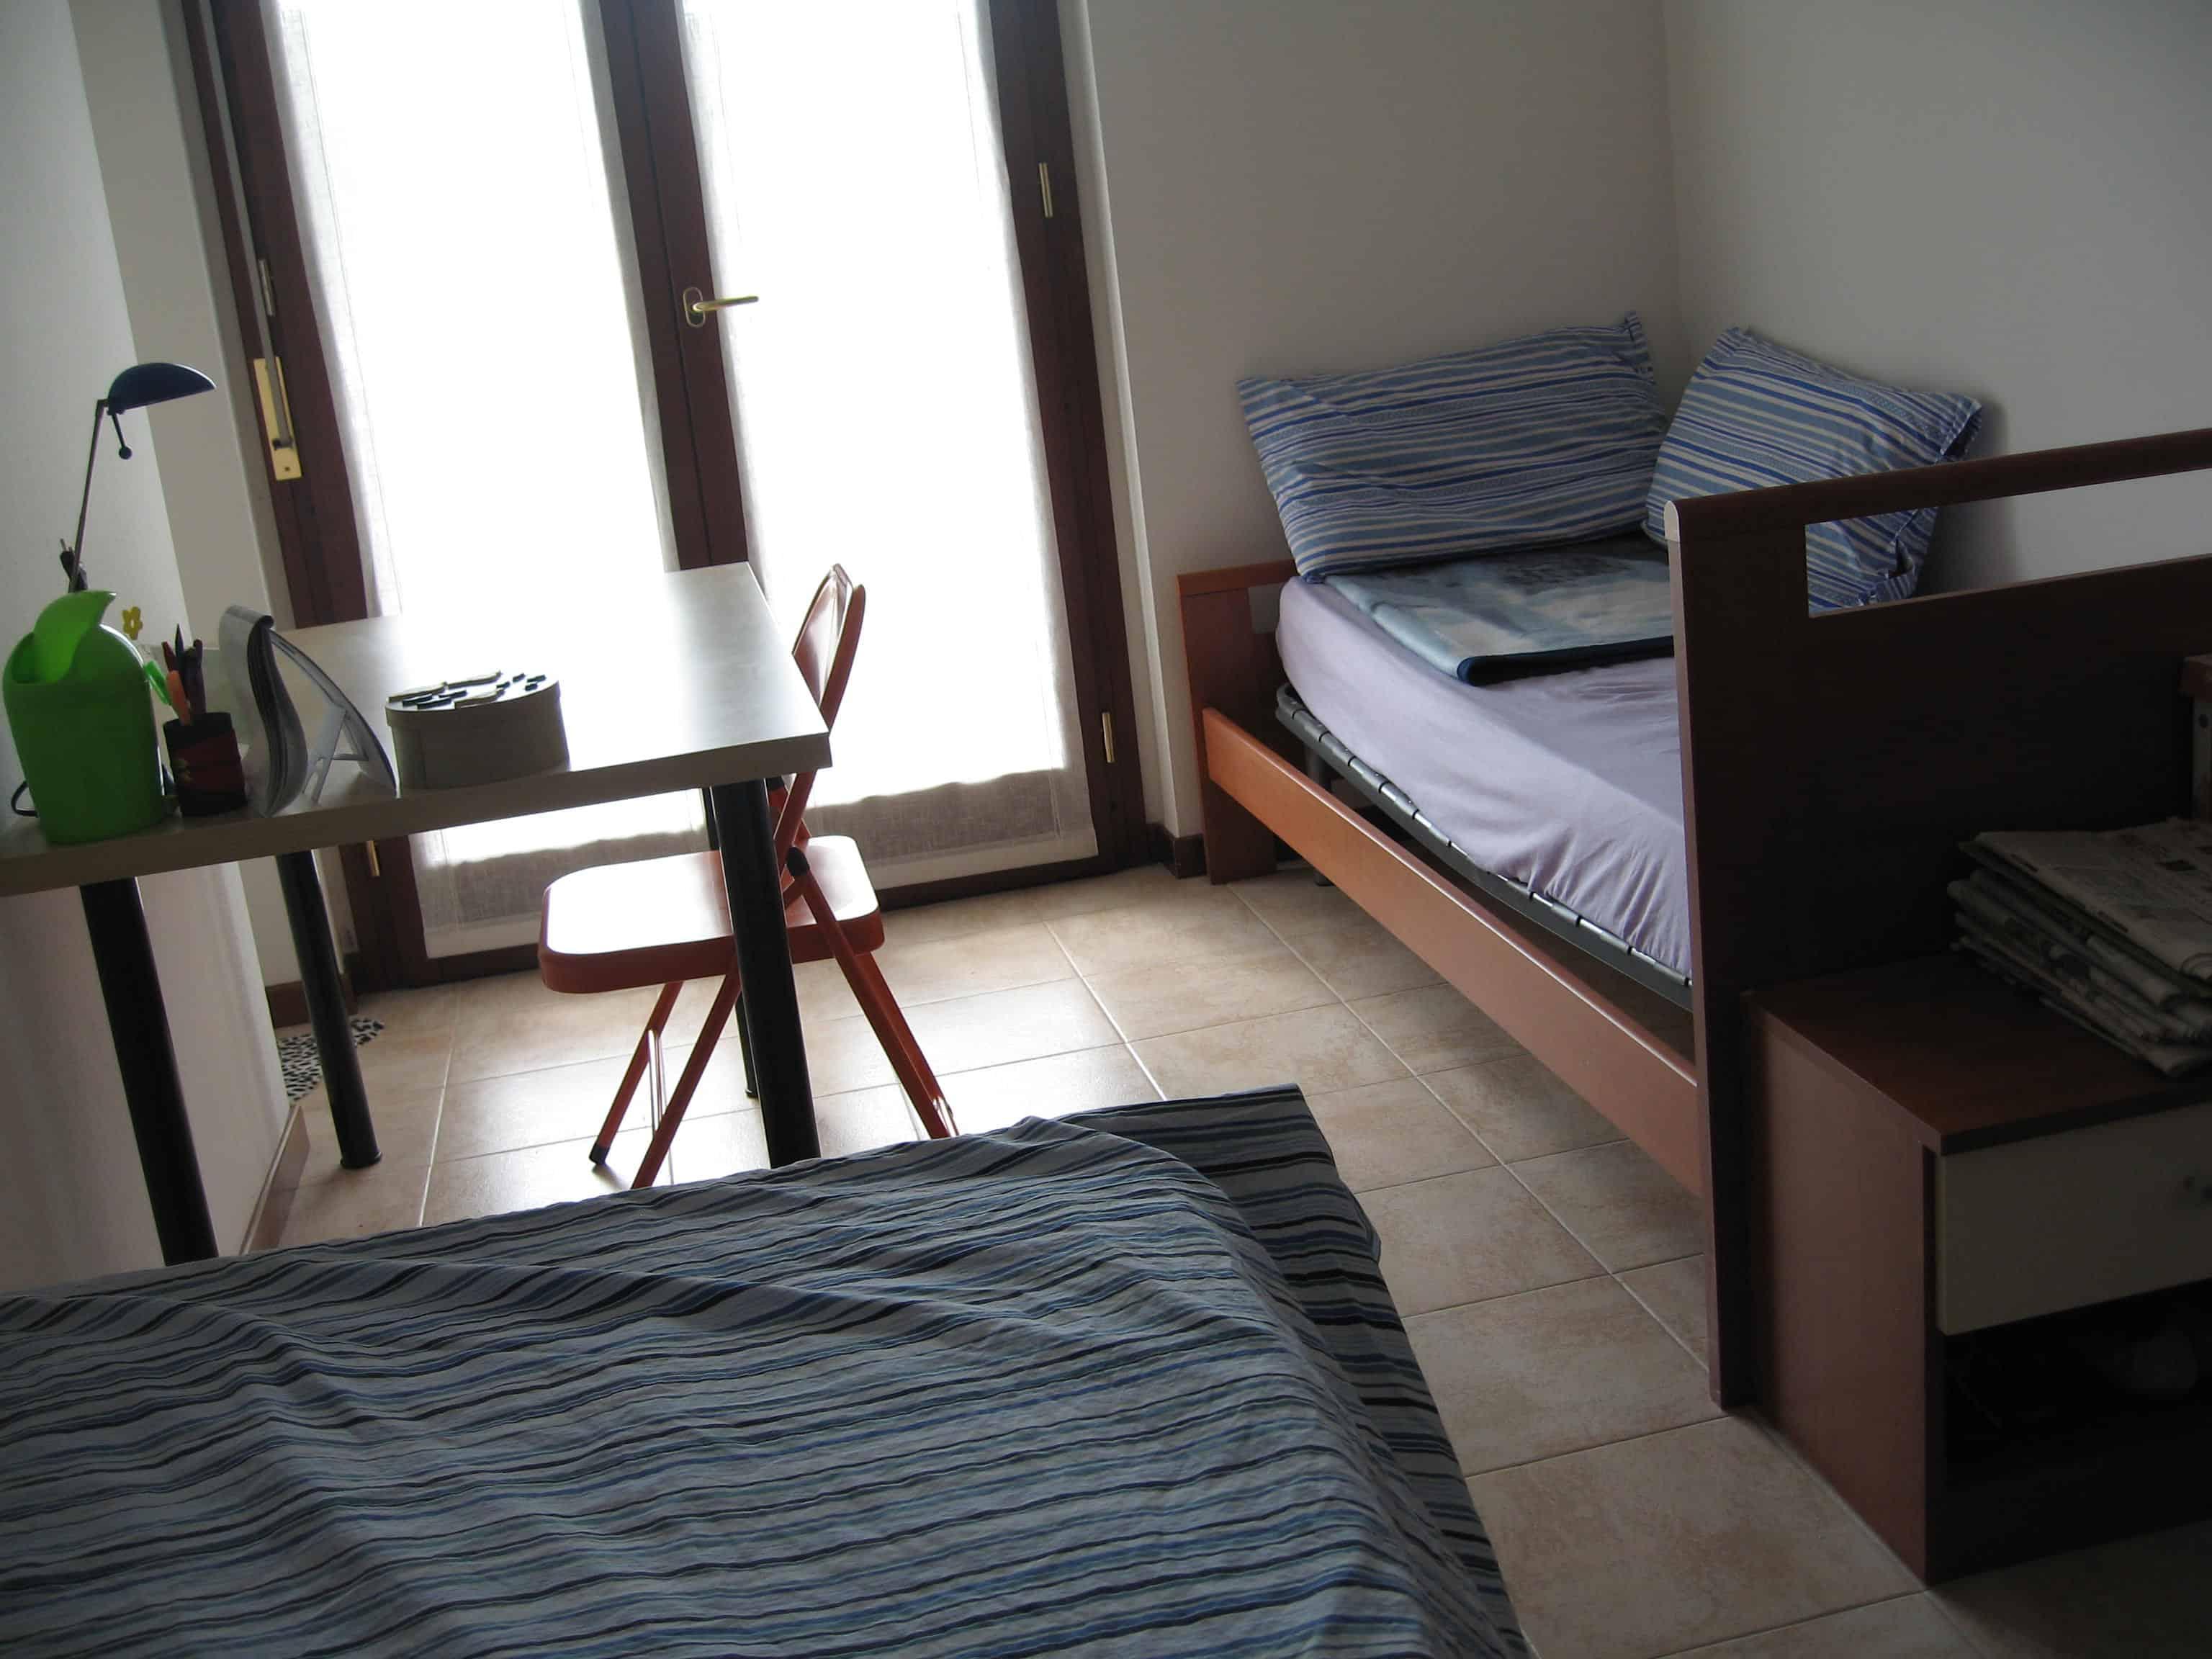 Appartamento per studenti Strada Le Grazie Verona - Camera doppia 4